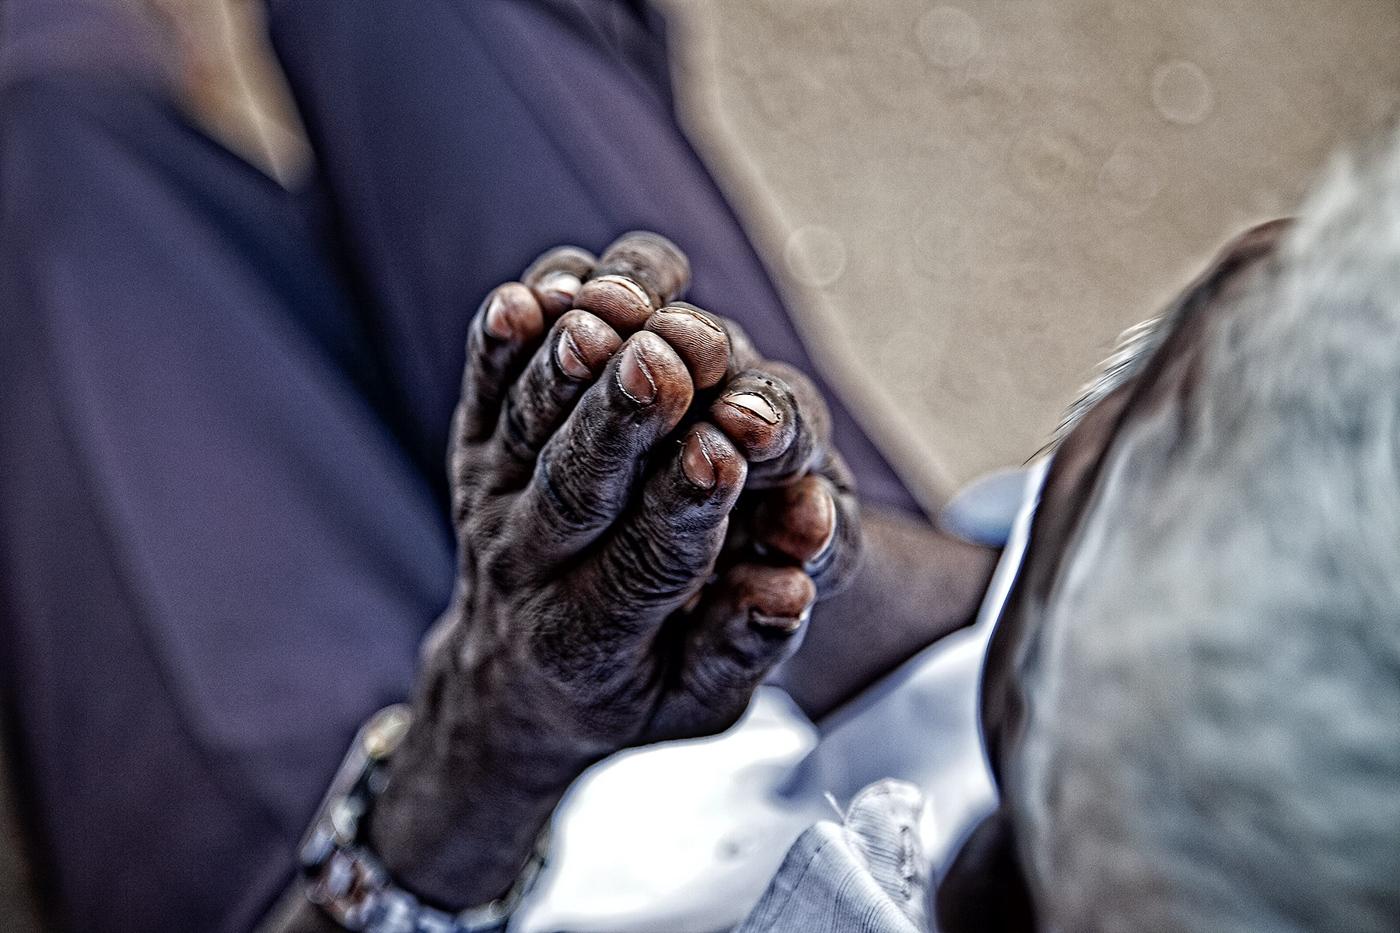 Hands & Feet-9.jpg